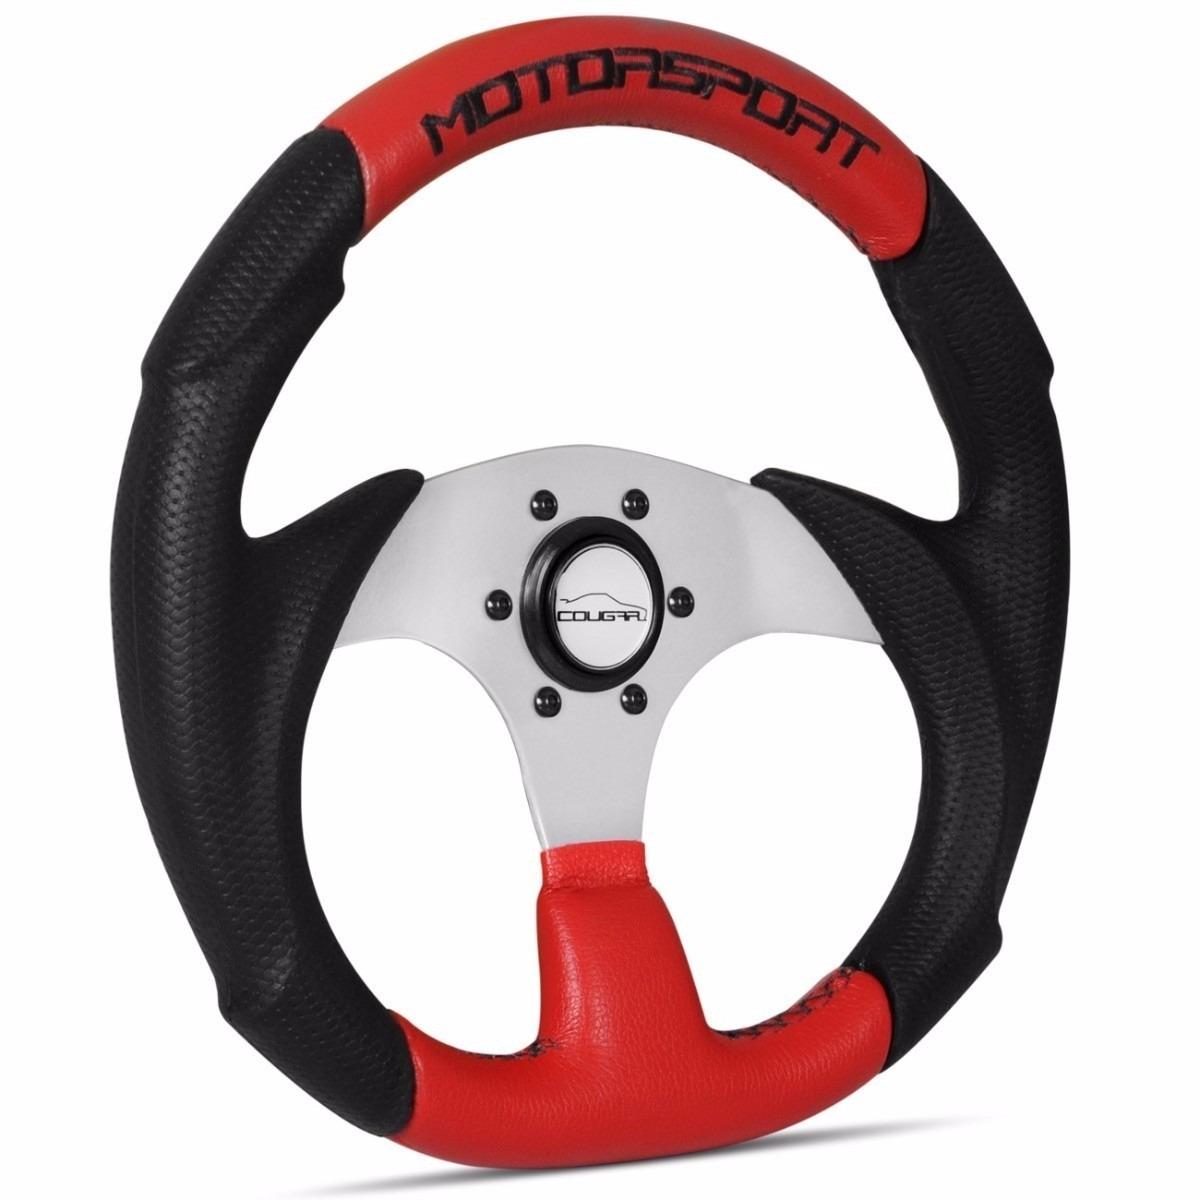 Volante Esportivo Tuning Motorsport Preto E Vermelho Cougar